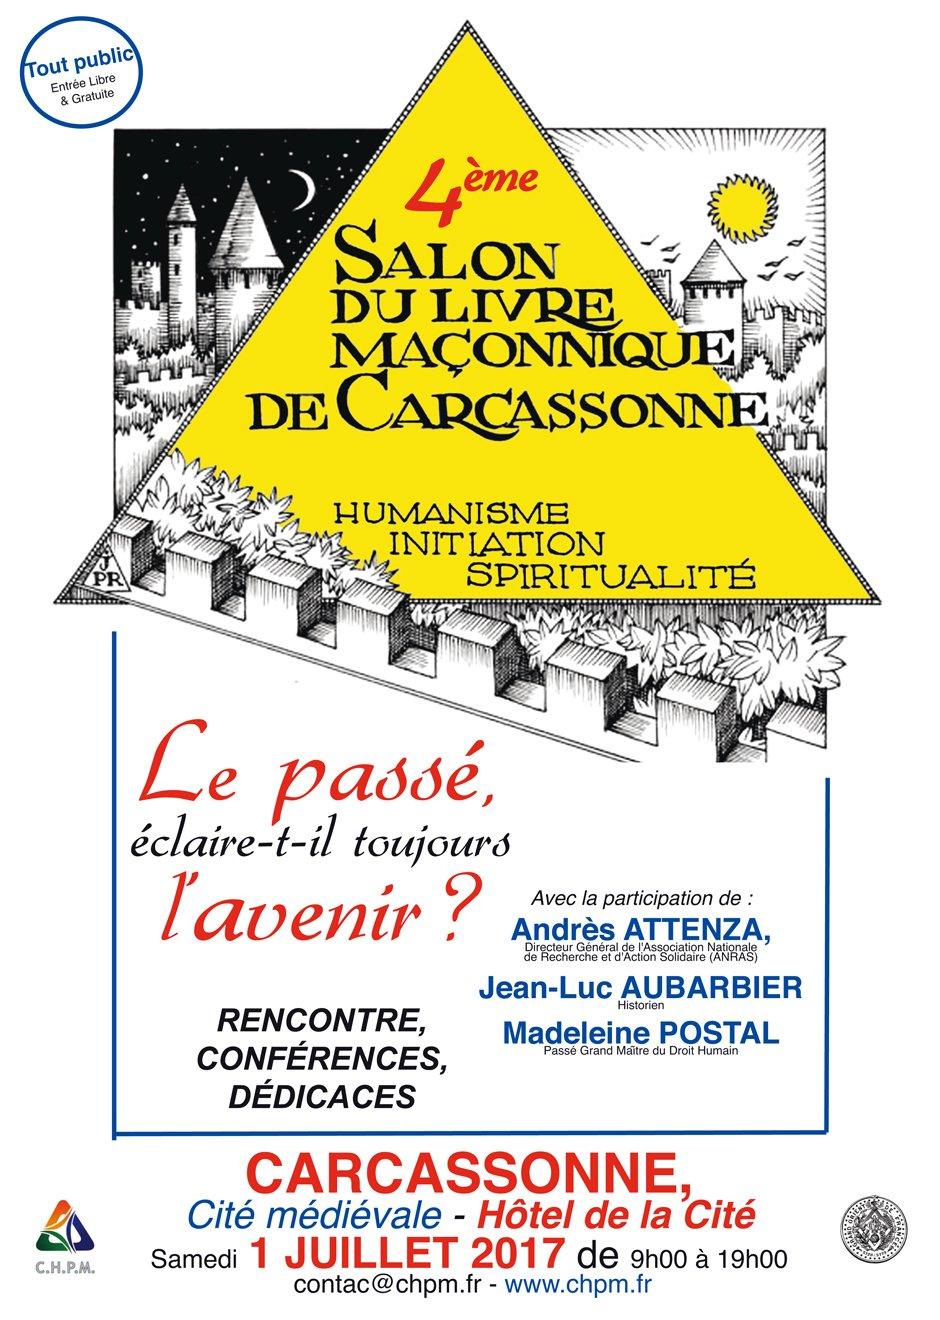 4e salon du livre ma onnique de carcassonne for Salon du taf carcassonne